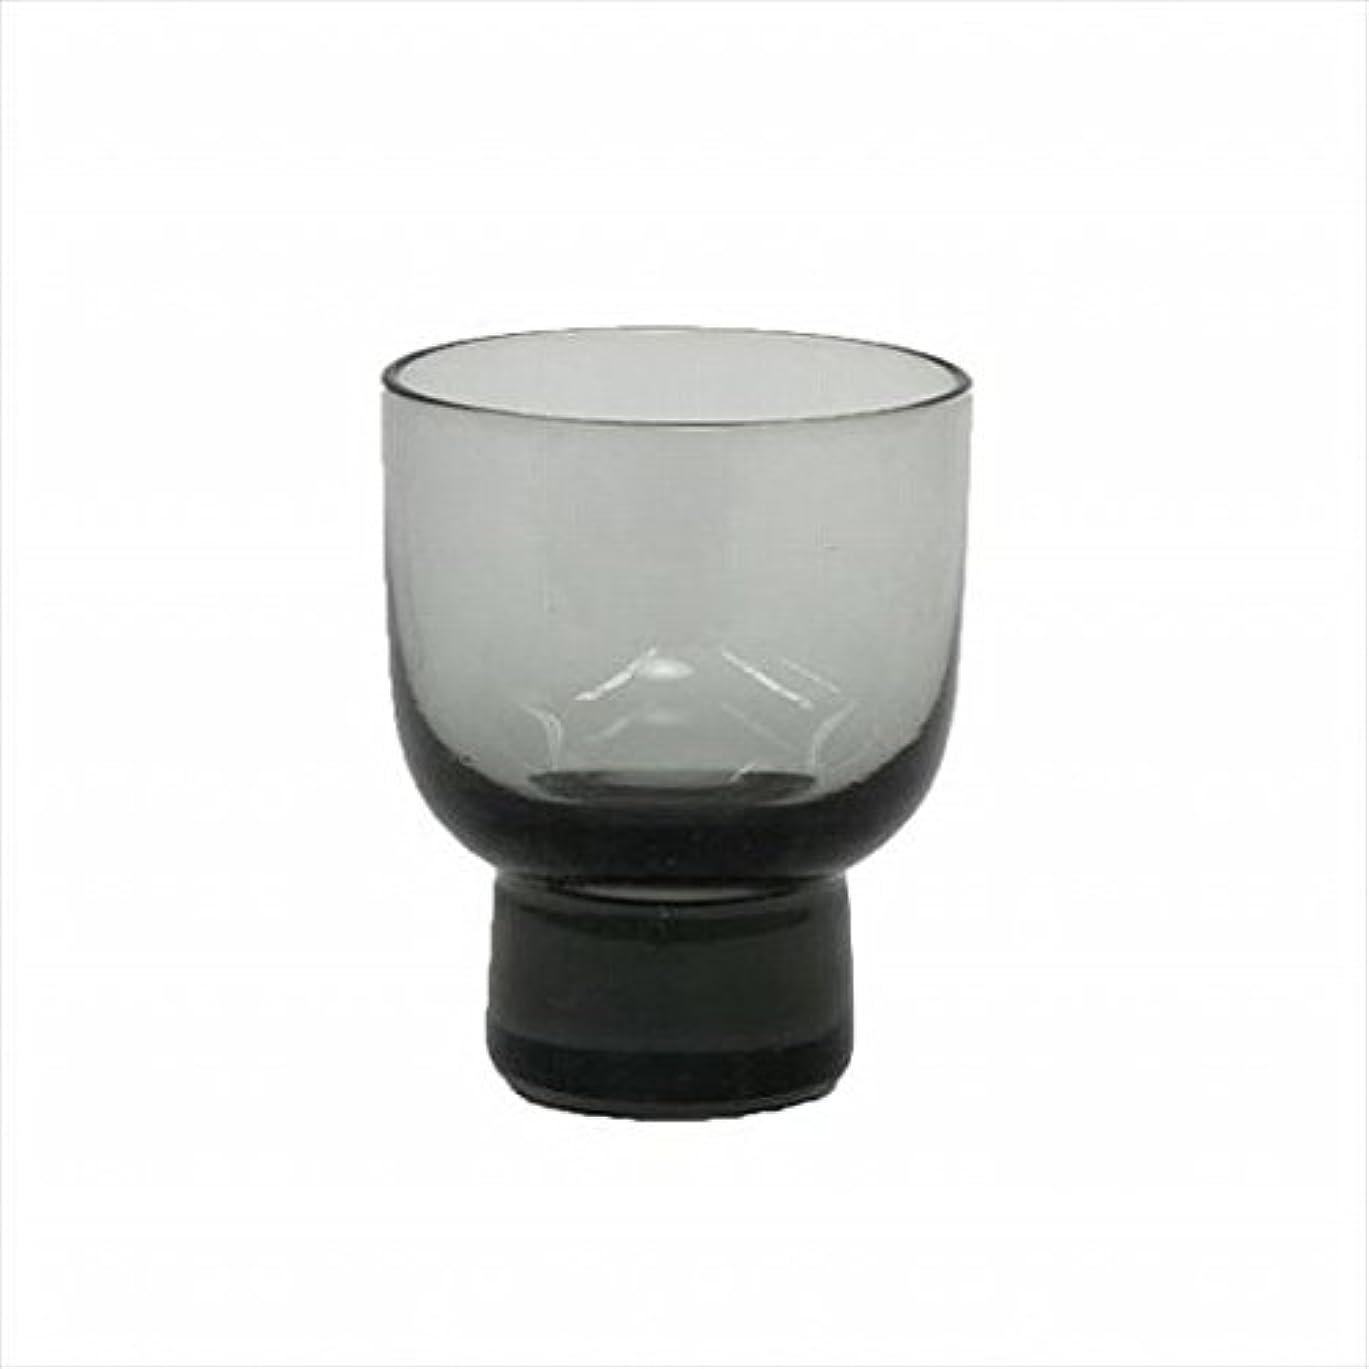 どうやって前兆選択kameyama candle(カメヤマキャンドル) ロキカップ 「 スモーク 」 キャンドル 58x58x70mm (I8236100SM)